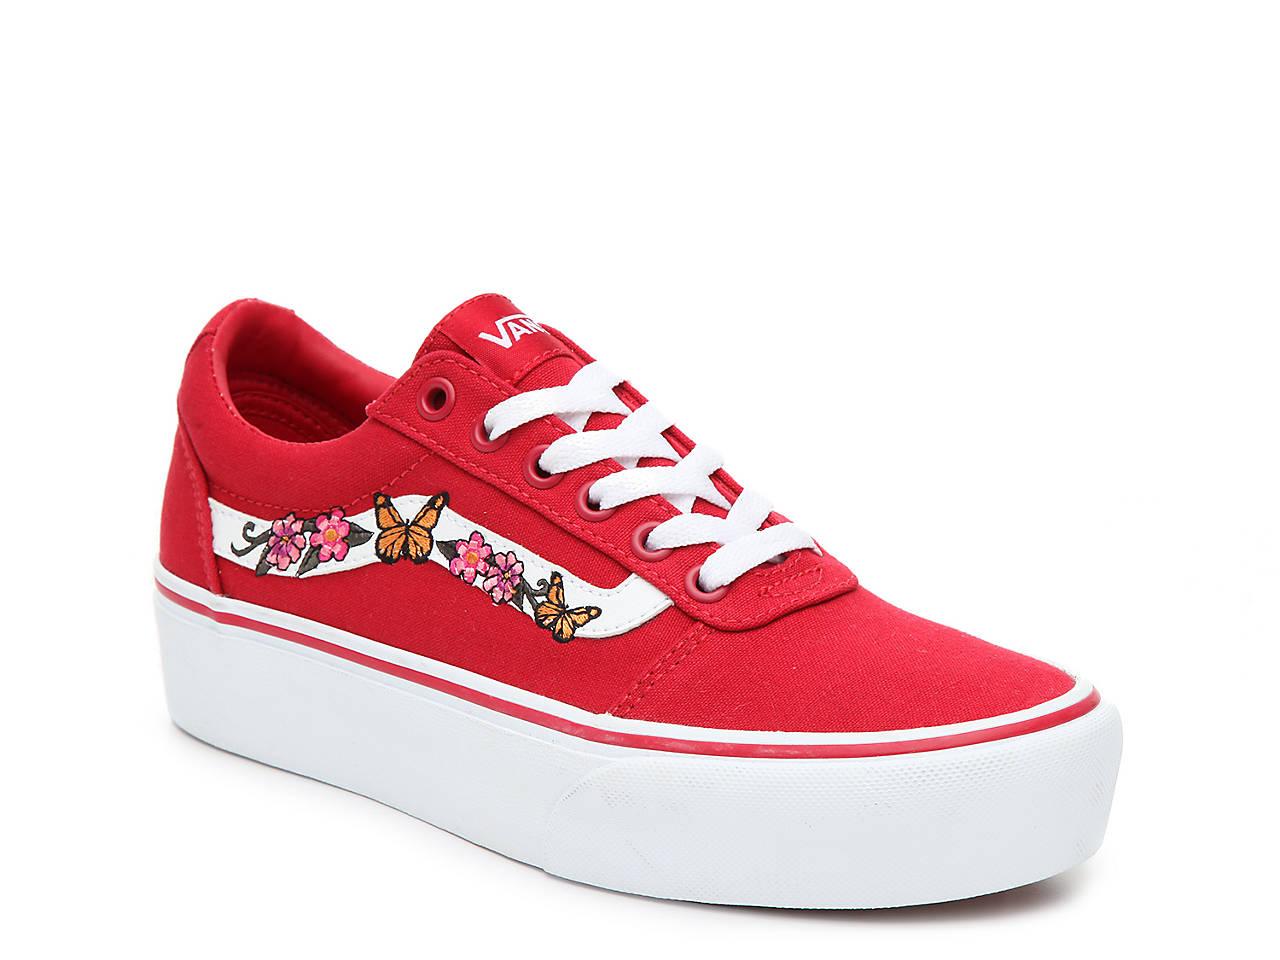 6e78a9583b Vans Ward Platform Sneaker - Women s Women s Shoes